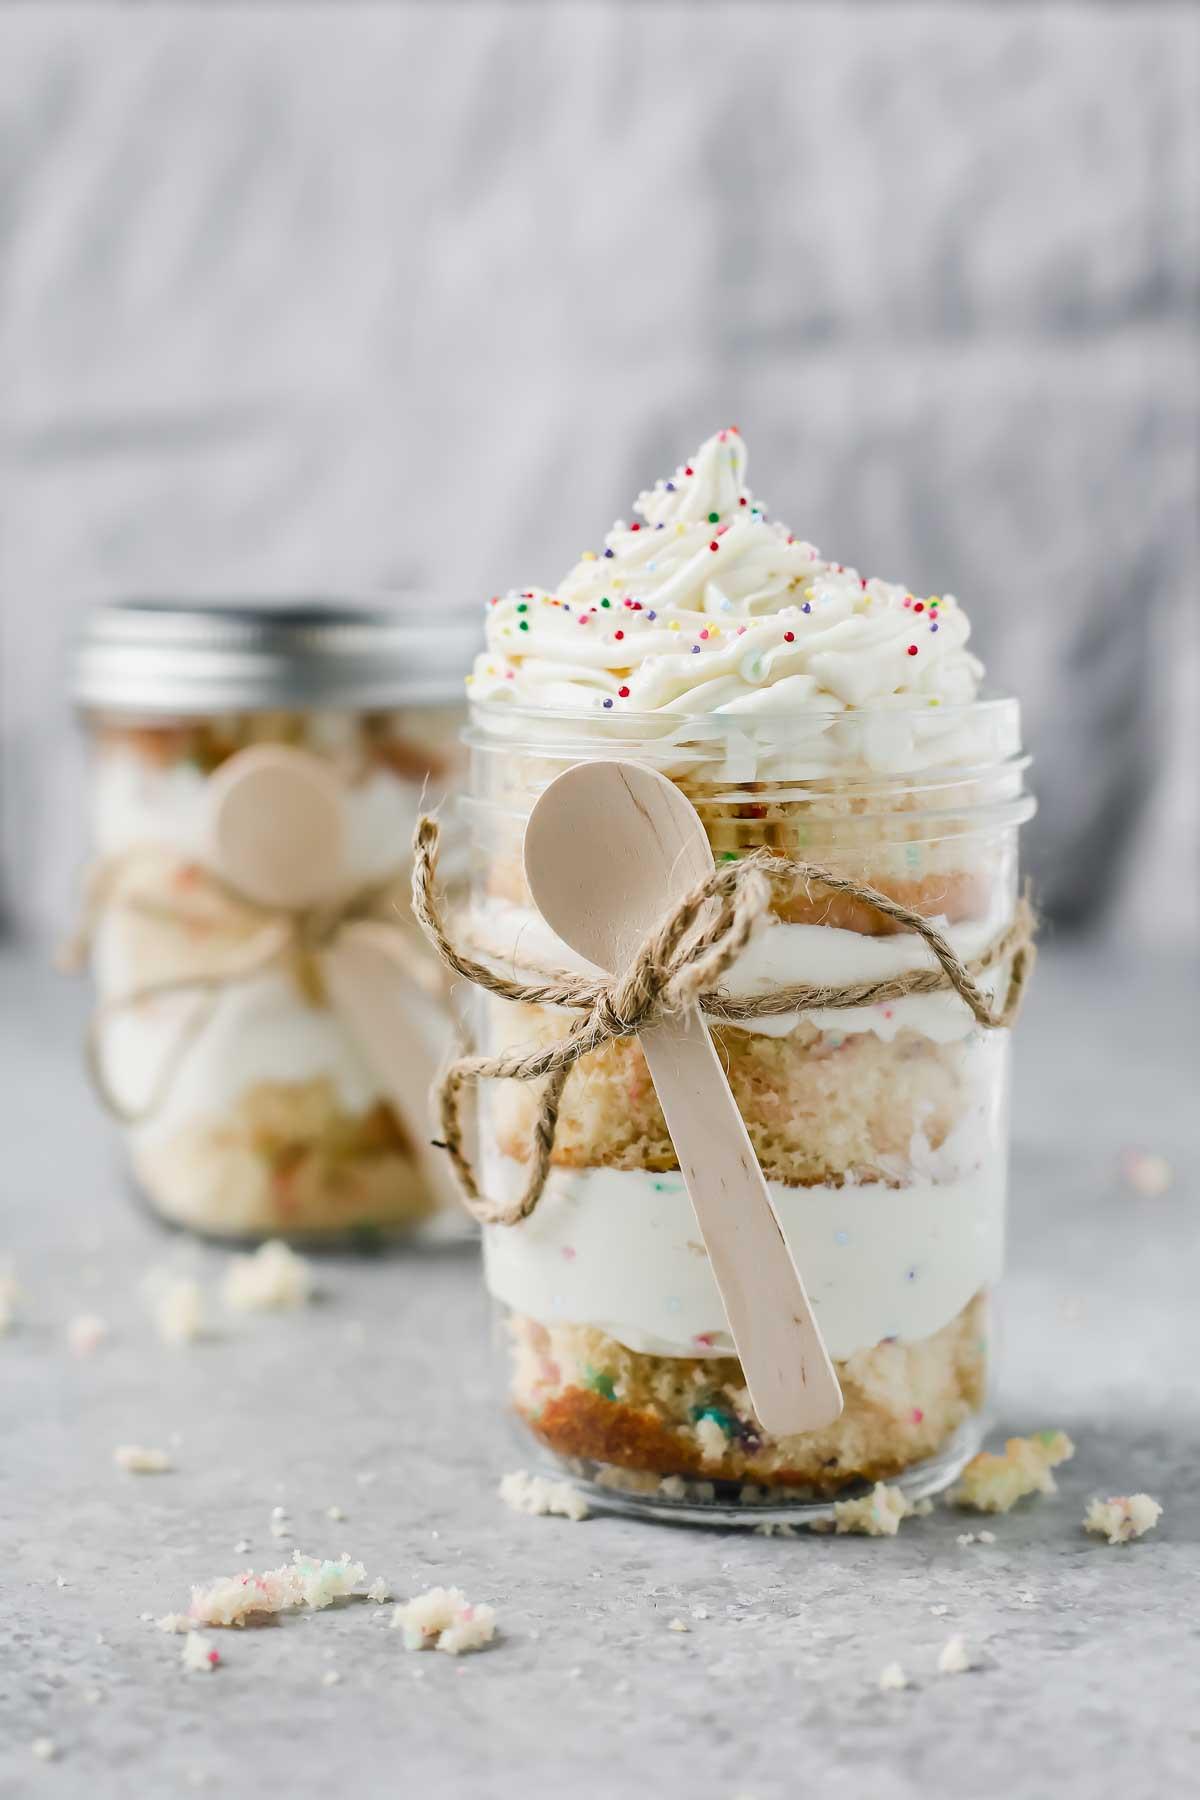 Birthday Cake In A Jar  Birthday Cake In A Jar Gift DIY Jar Lemons